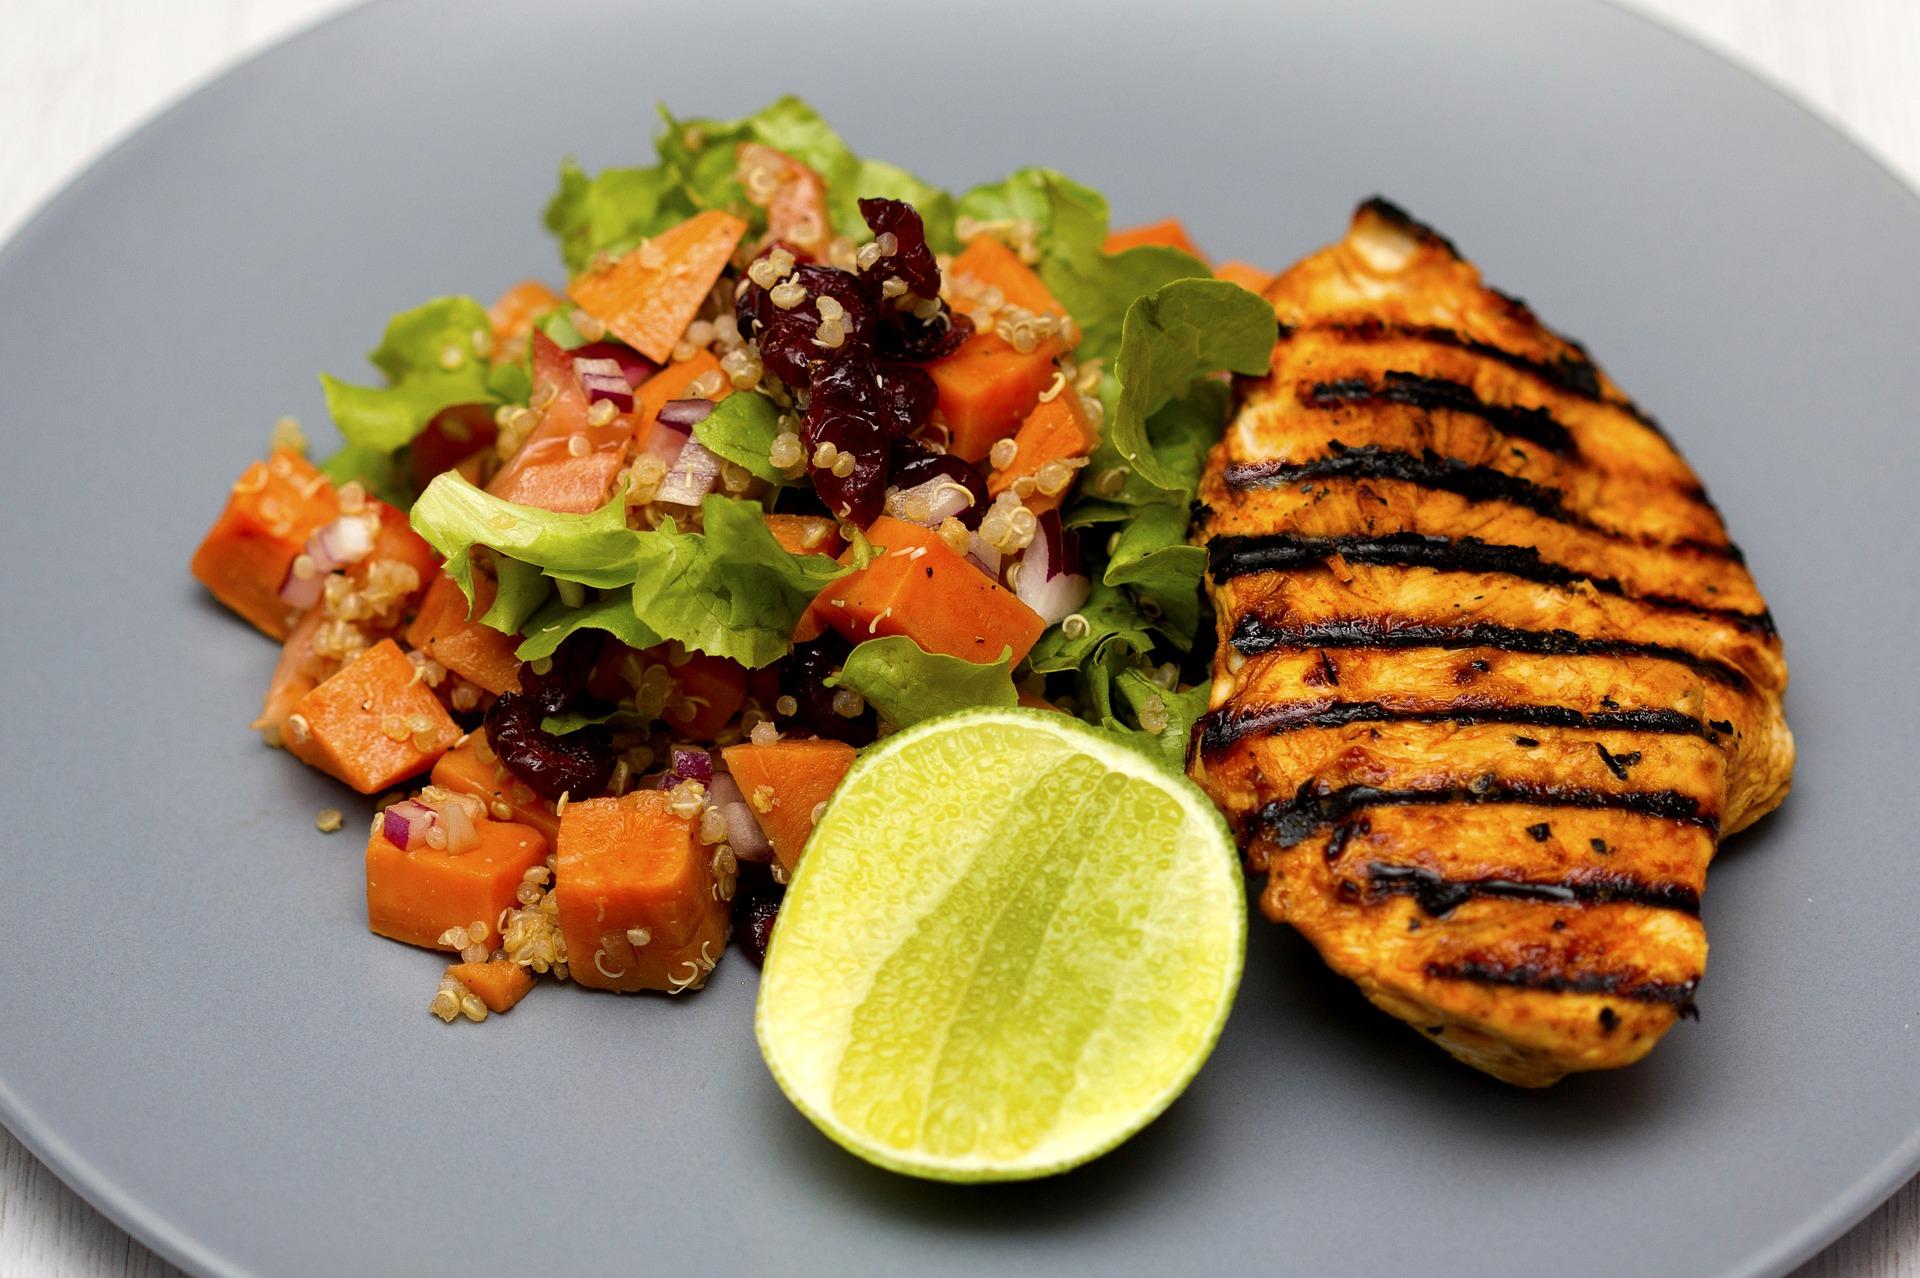 Dieta proteica, cosa mangiare: i cibi consentiti e i cibi da evitare